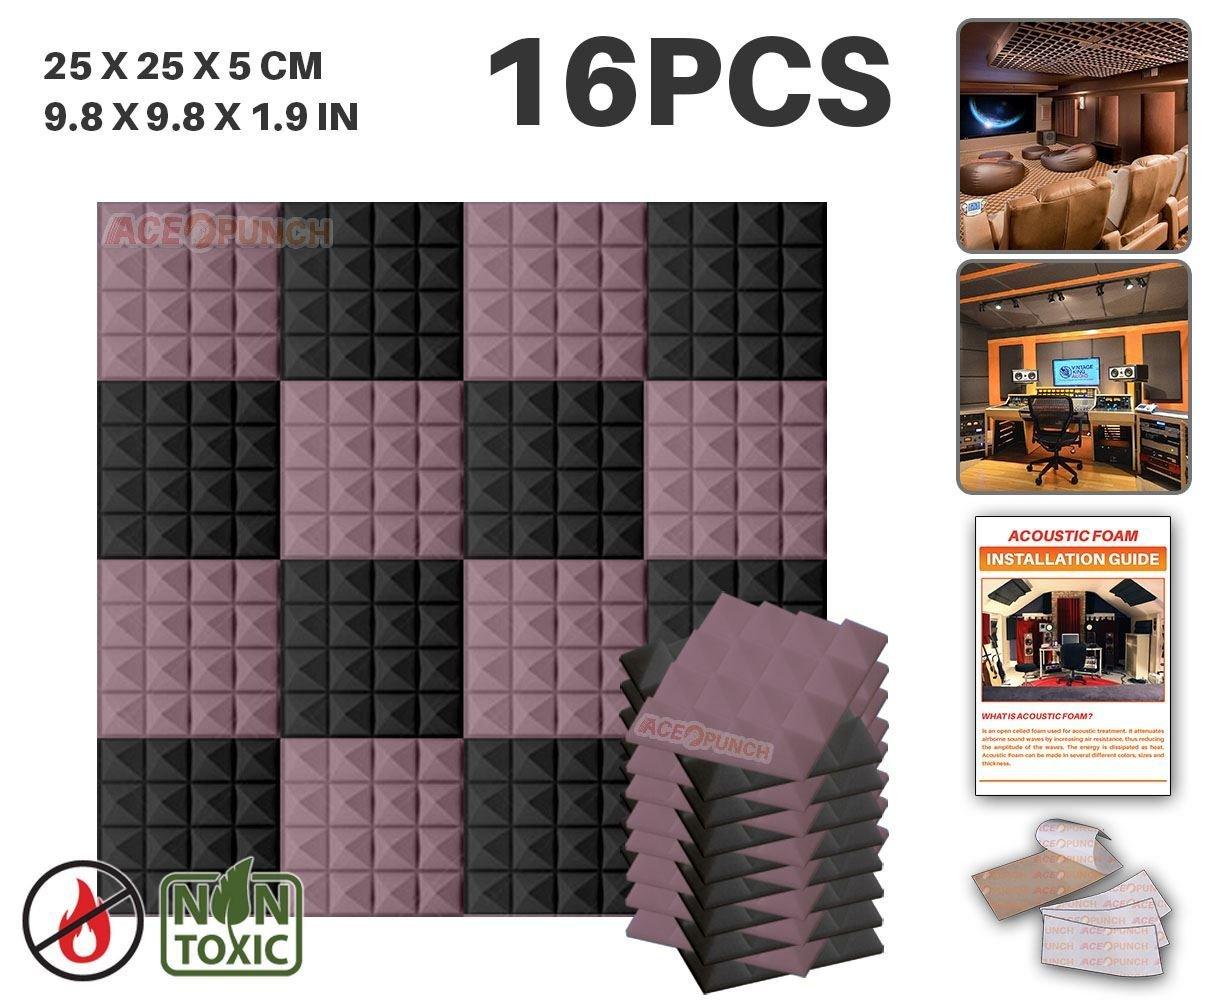 Ace Punch 16 Paquete 2 Colores Espuma Pirámide de Combinación Acústica Panel Para Aislamiento Acústico de Sonido de Tratamiento de Amortiguadores con Cinta de 25 x 25 x 5 cm Negro y Blanco Perla AP1034